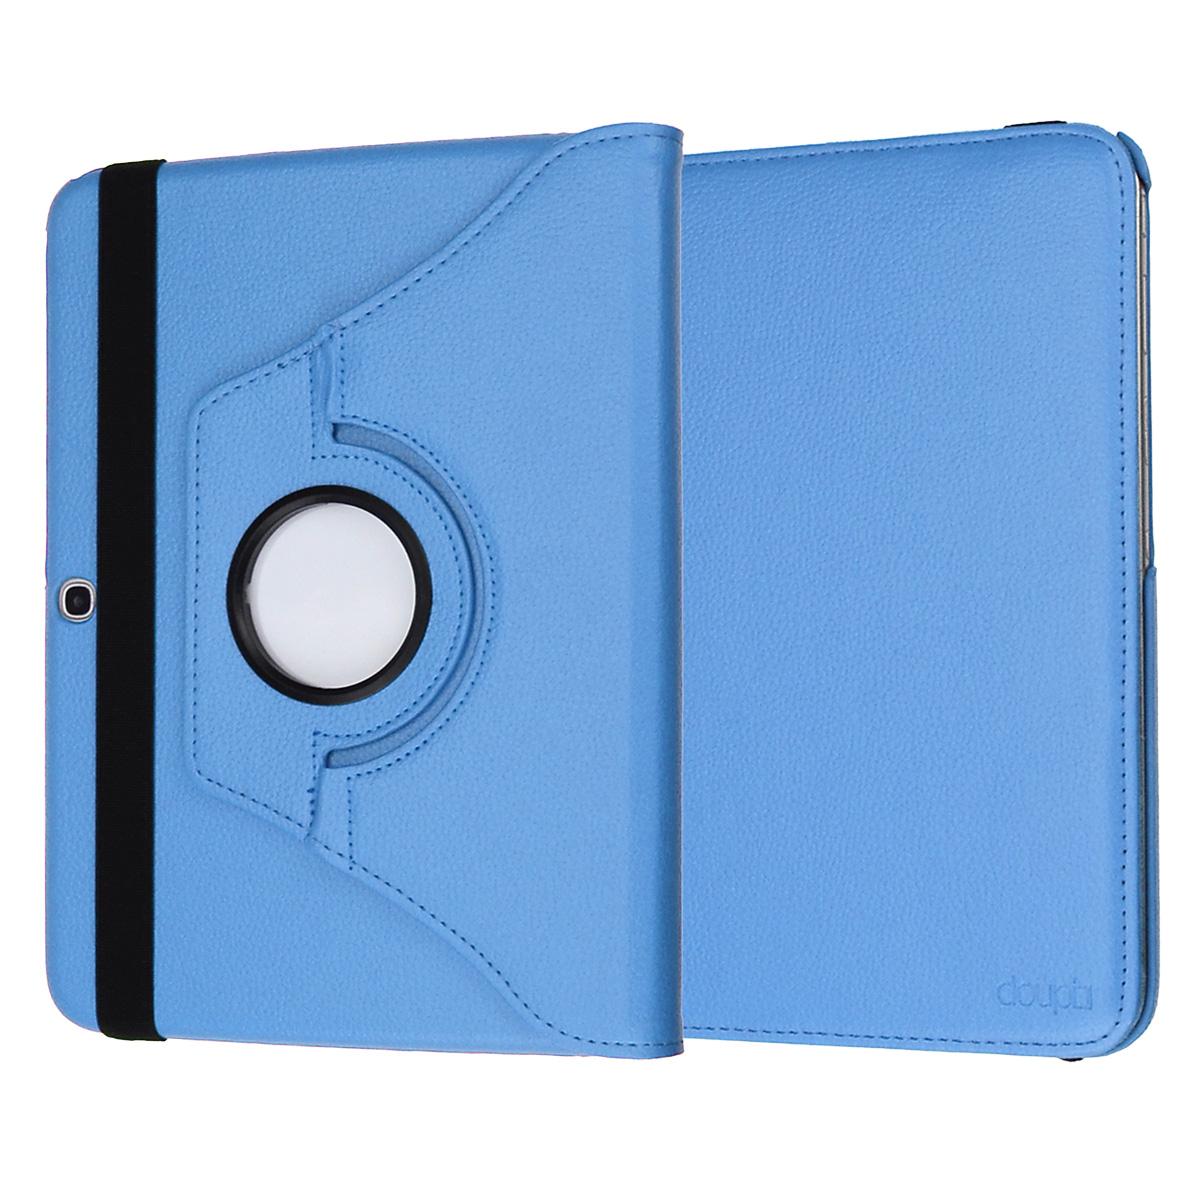 360-drehbar-Huelle-Samsung-Tab-E-9-6-Schutz-Cover-Case-Tasche-Etui-Staender-Folie Indexbild 28